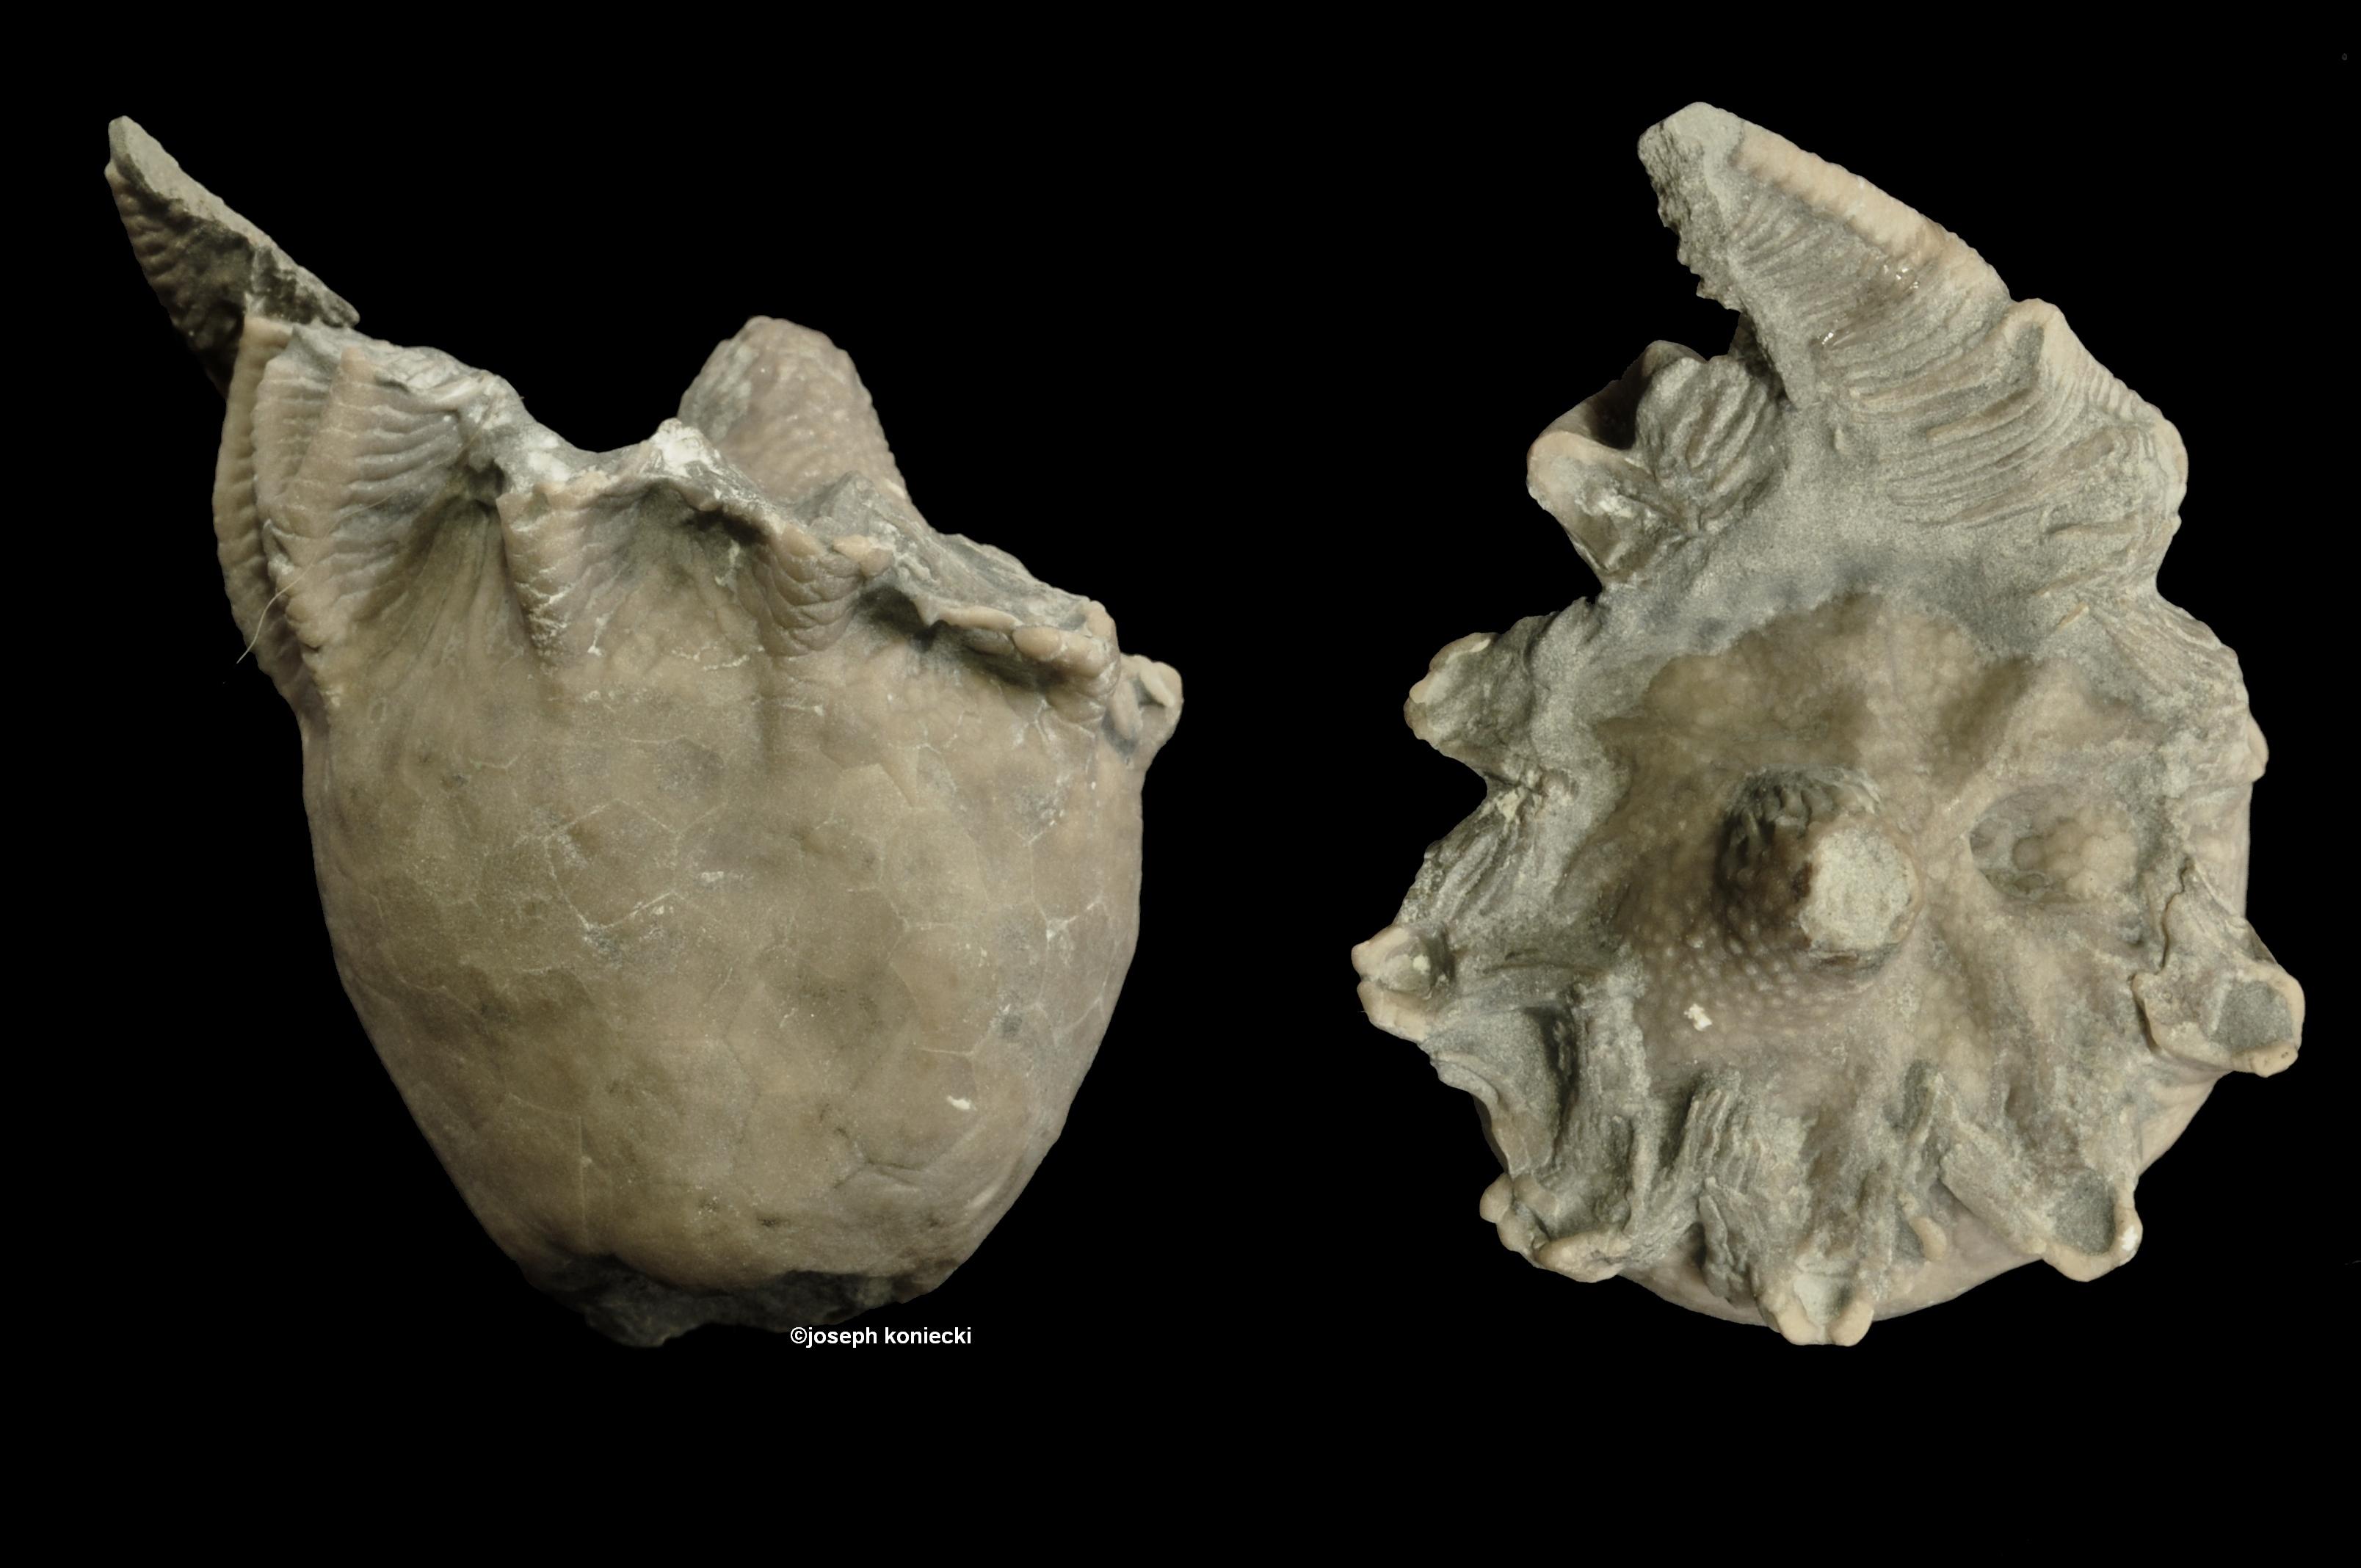 Archaeocrinus